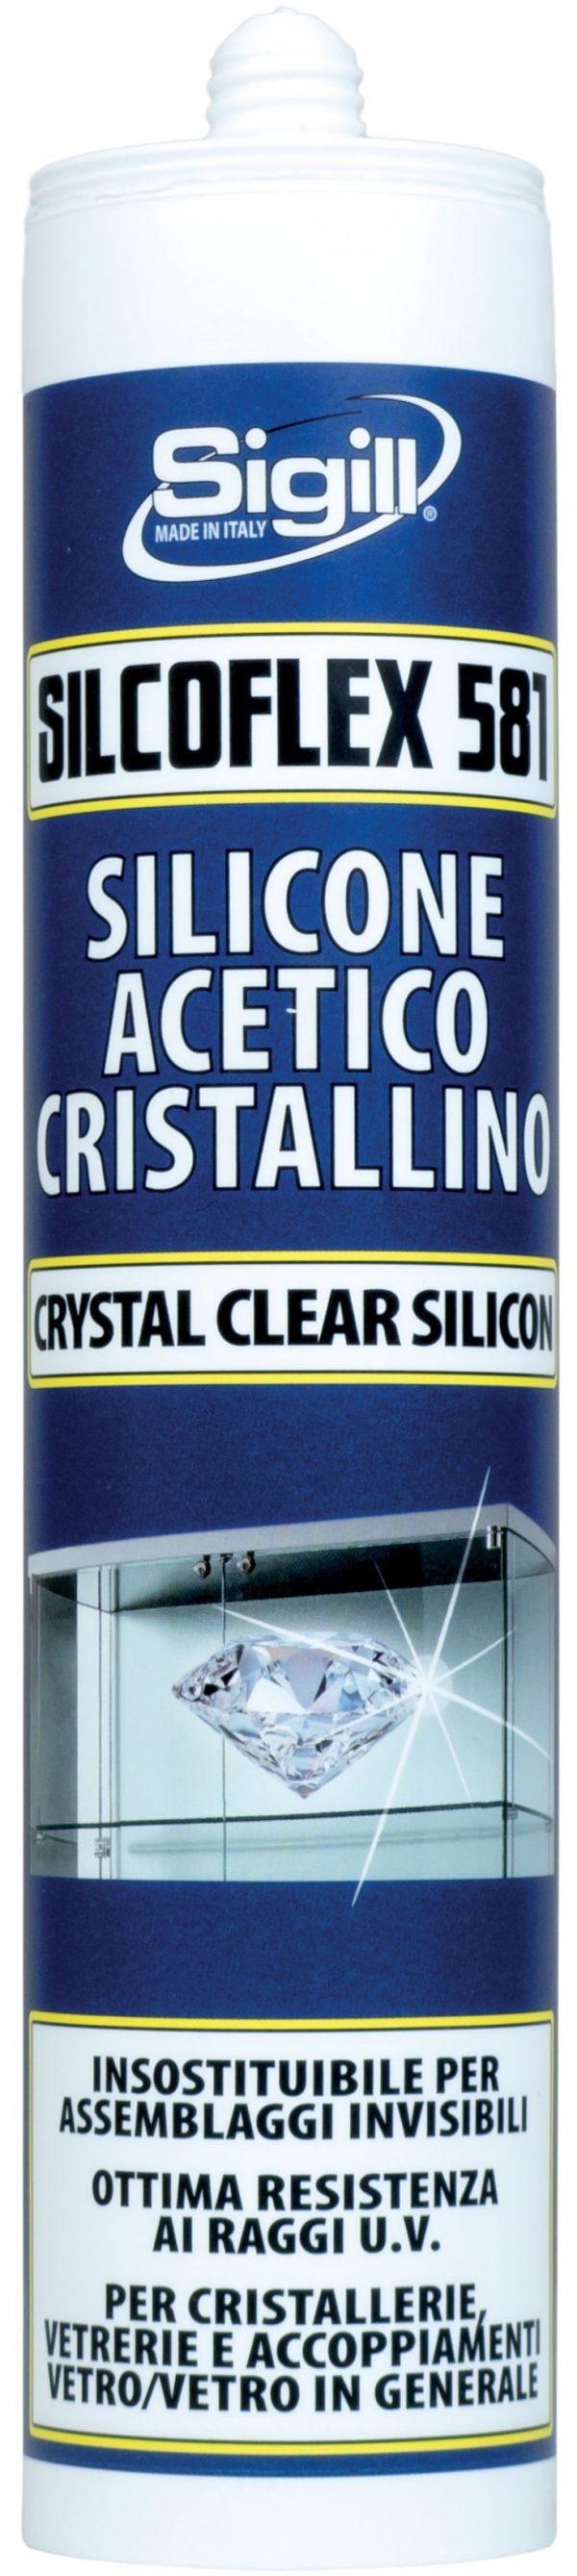 SILCOFLEX 581 CRISTALLINO